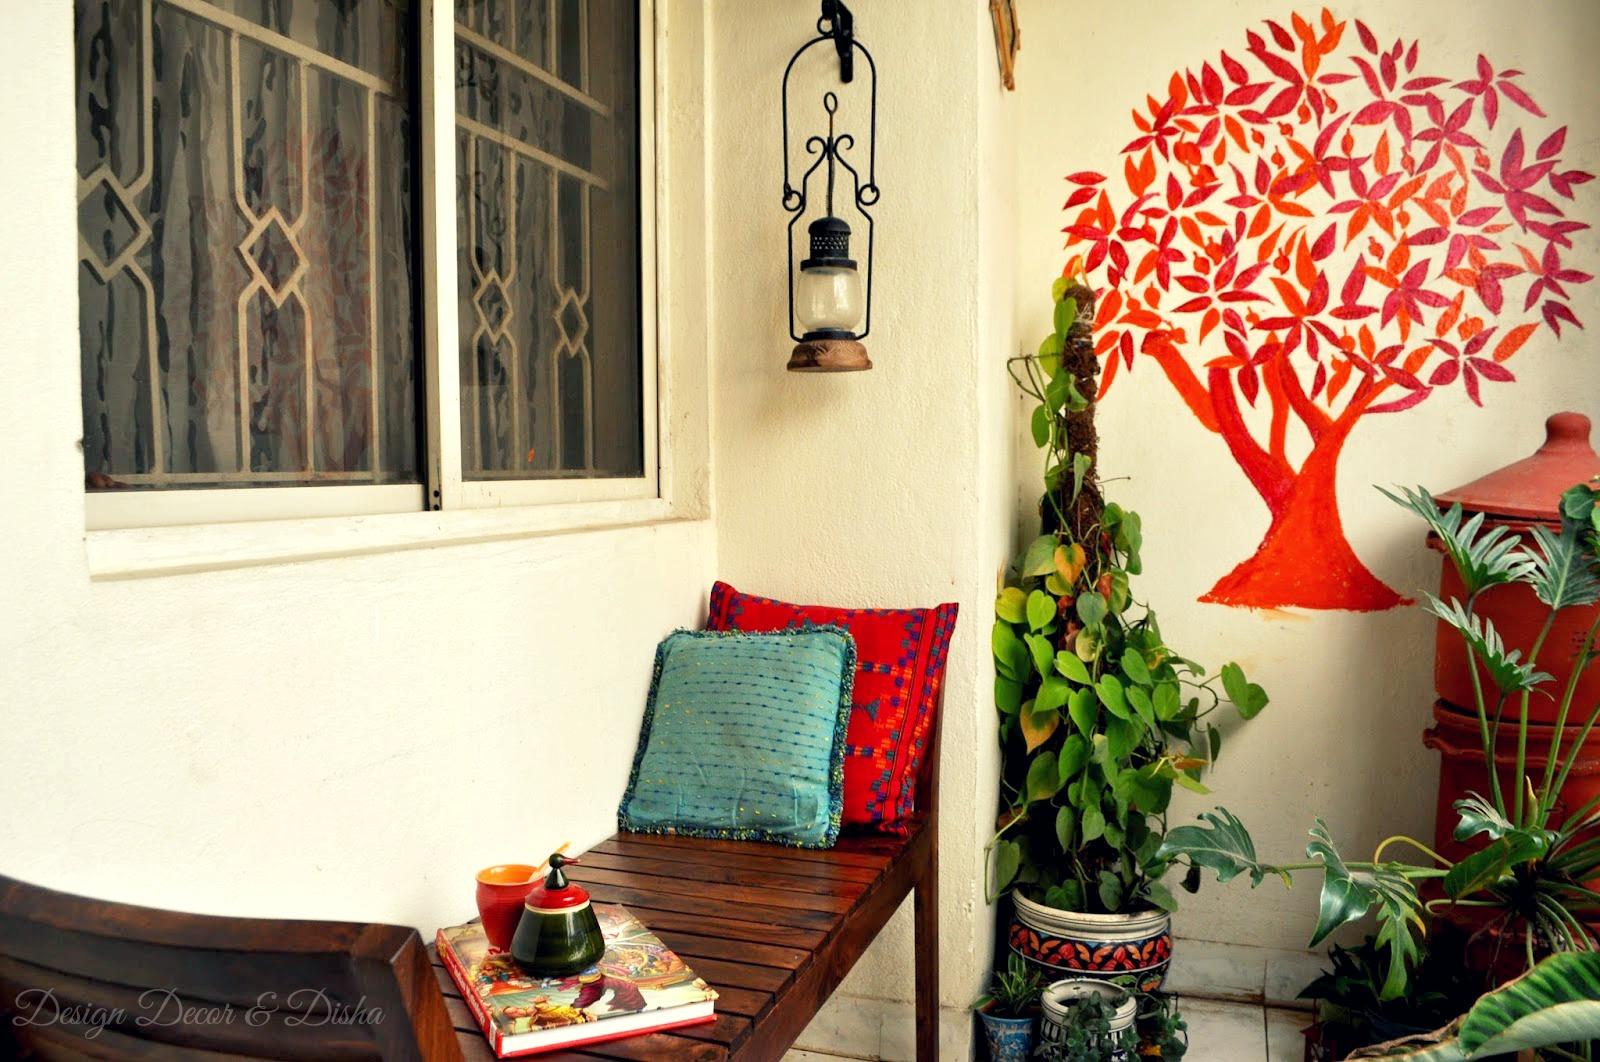 Home Garden Design Ideas India: An Indian Design & Decor Blog: Home